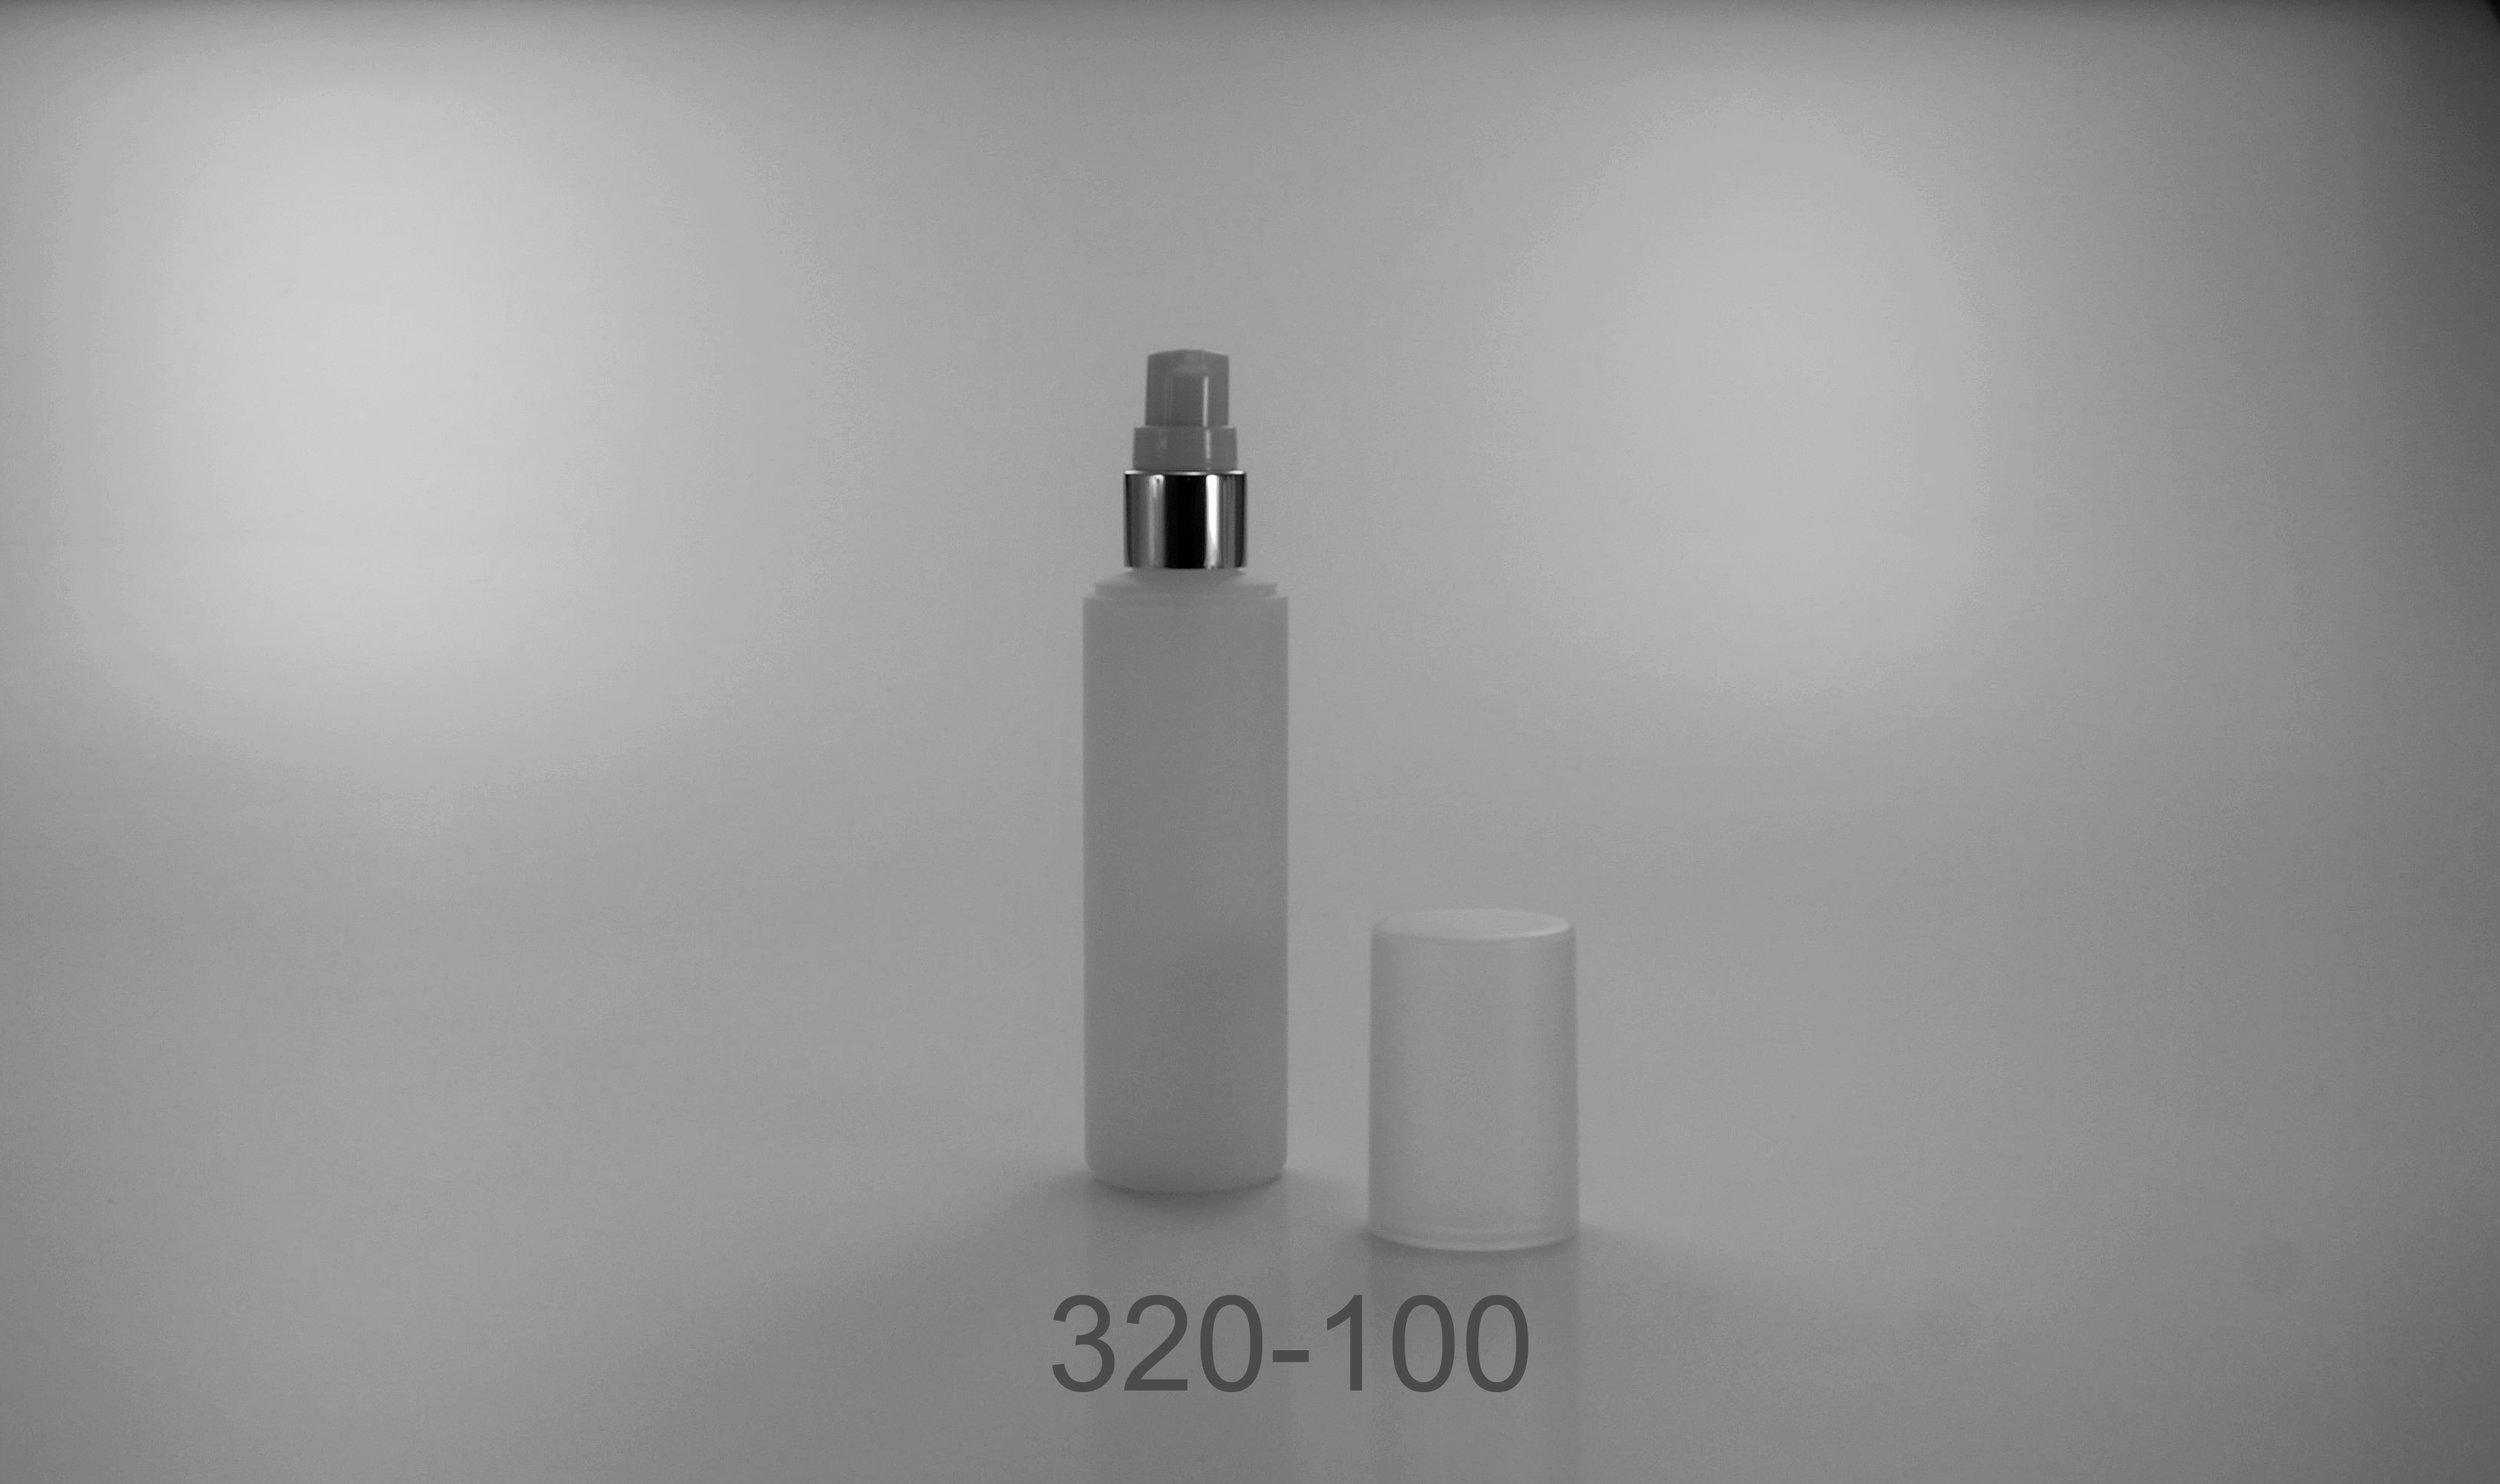 320-100.jpg